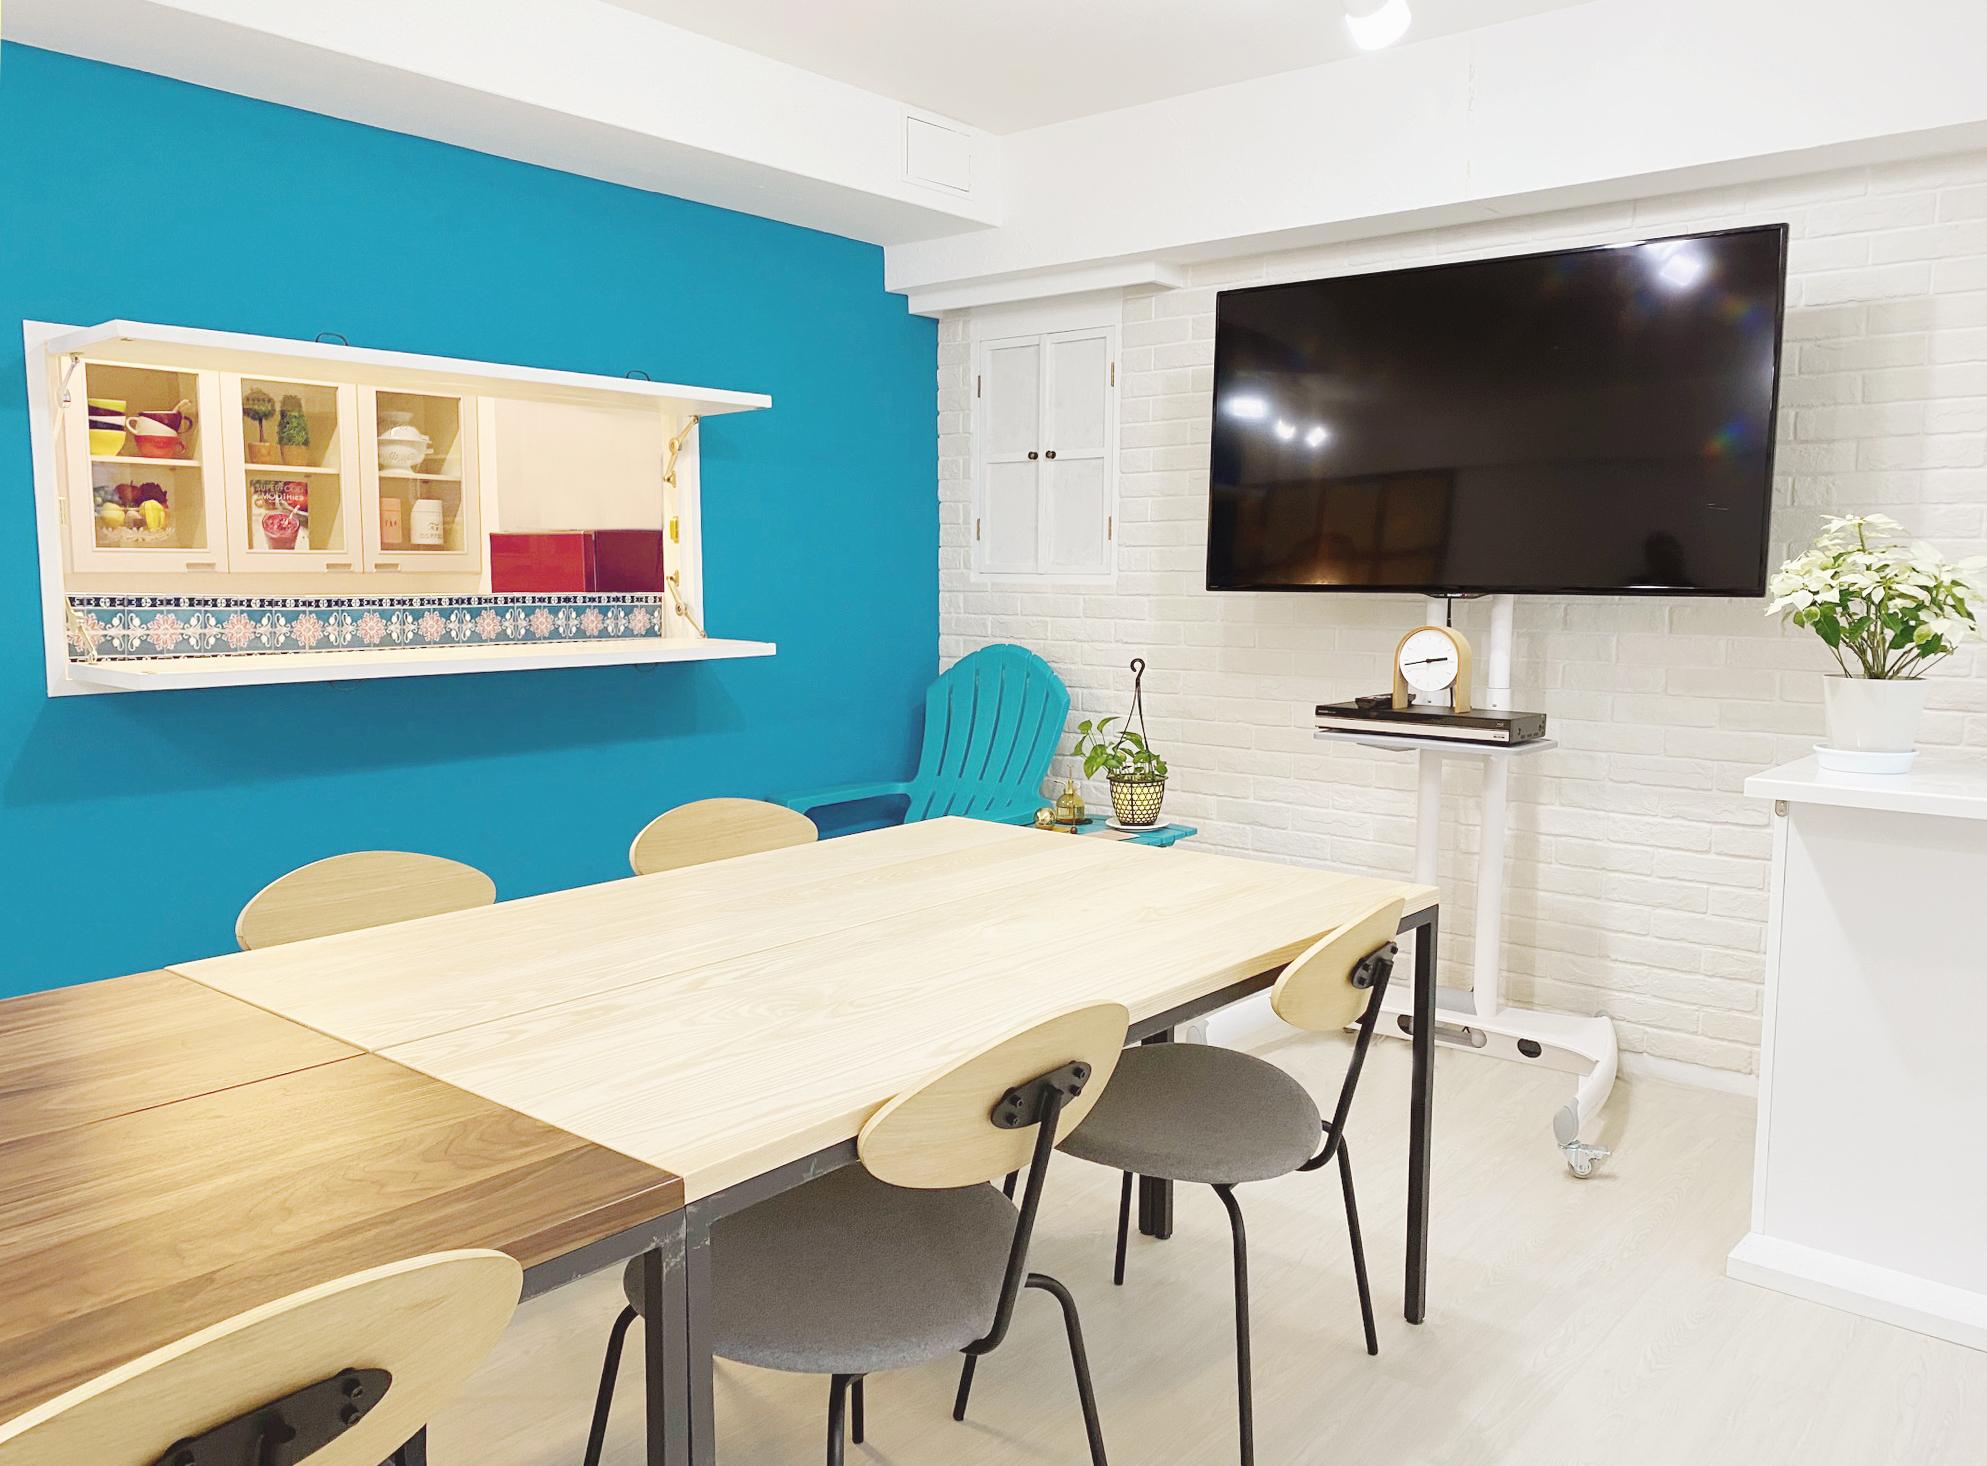 キッチンの使える多目的スペースです。 - 表参道キッチンアンドカルチャーの室内の写真